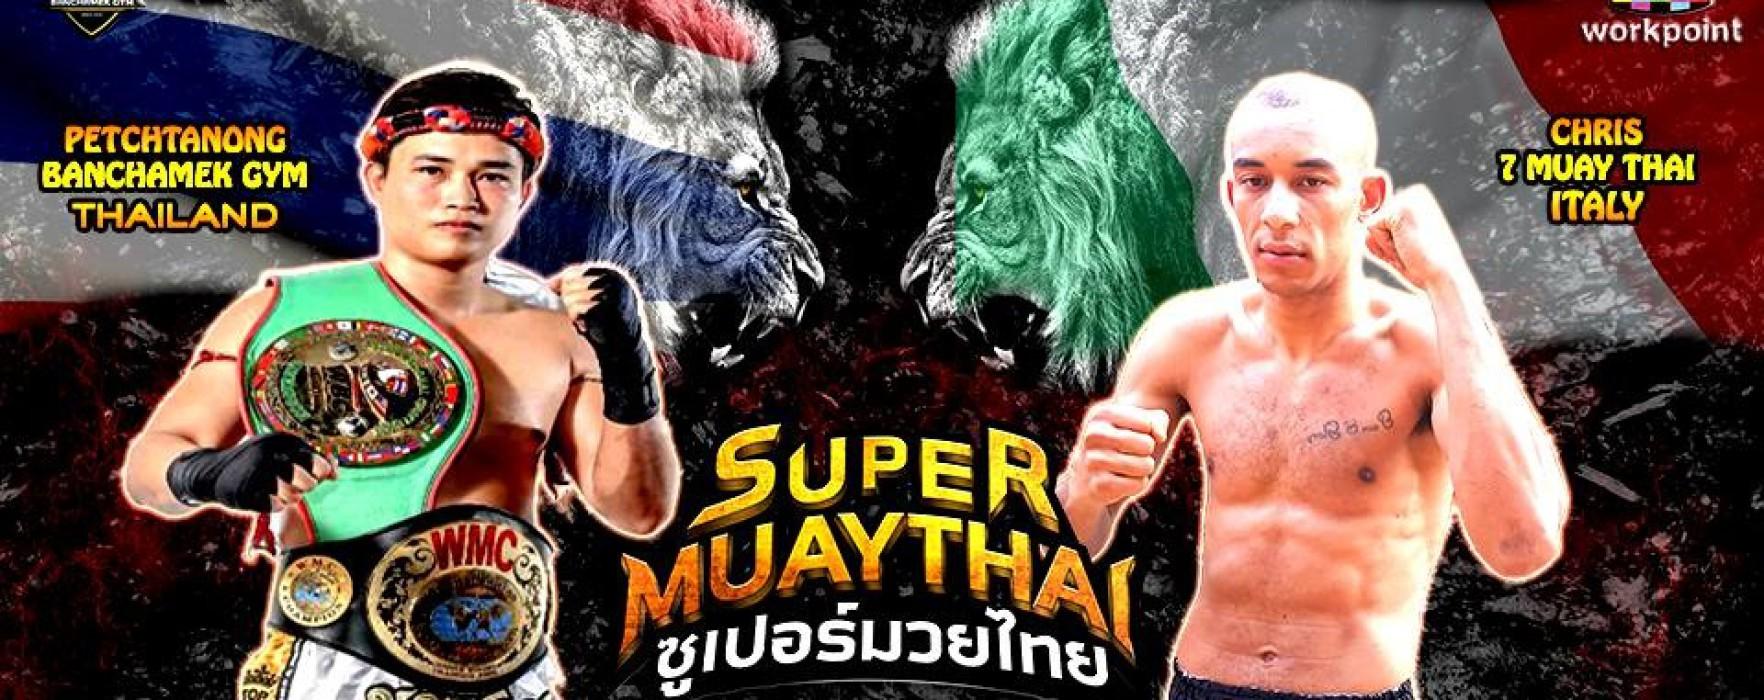 Flash News: Carlos Coello, Christian Zahe, Petchanong and Yukiya Nakamura at Super Muay Thai – 24th April 2016